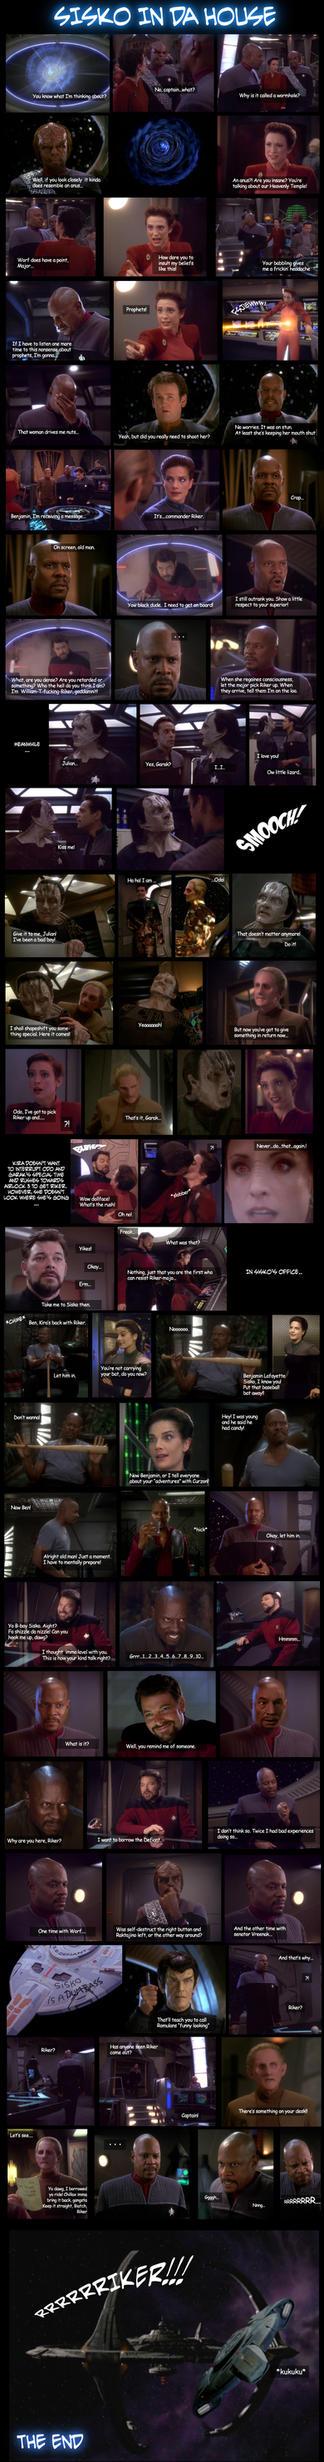 Star Trek: Deep Space Nine by Walker82